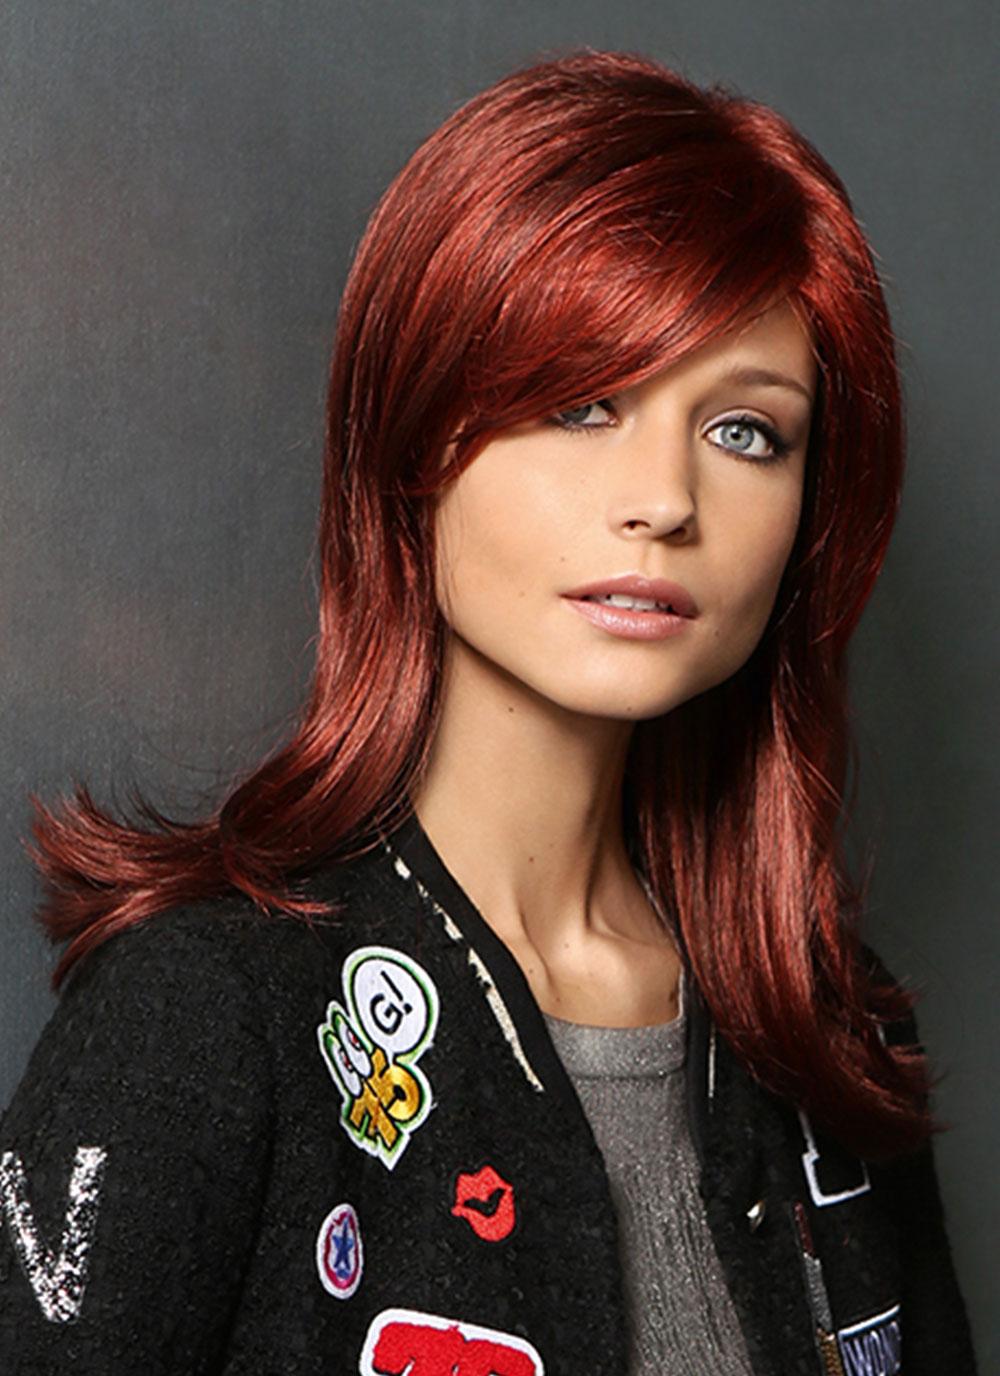 peruca peruca pauline lace short, peruci cluj, peruci timisoara, peruca gisela mayer